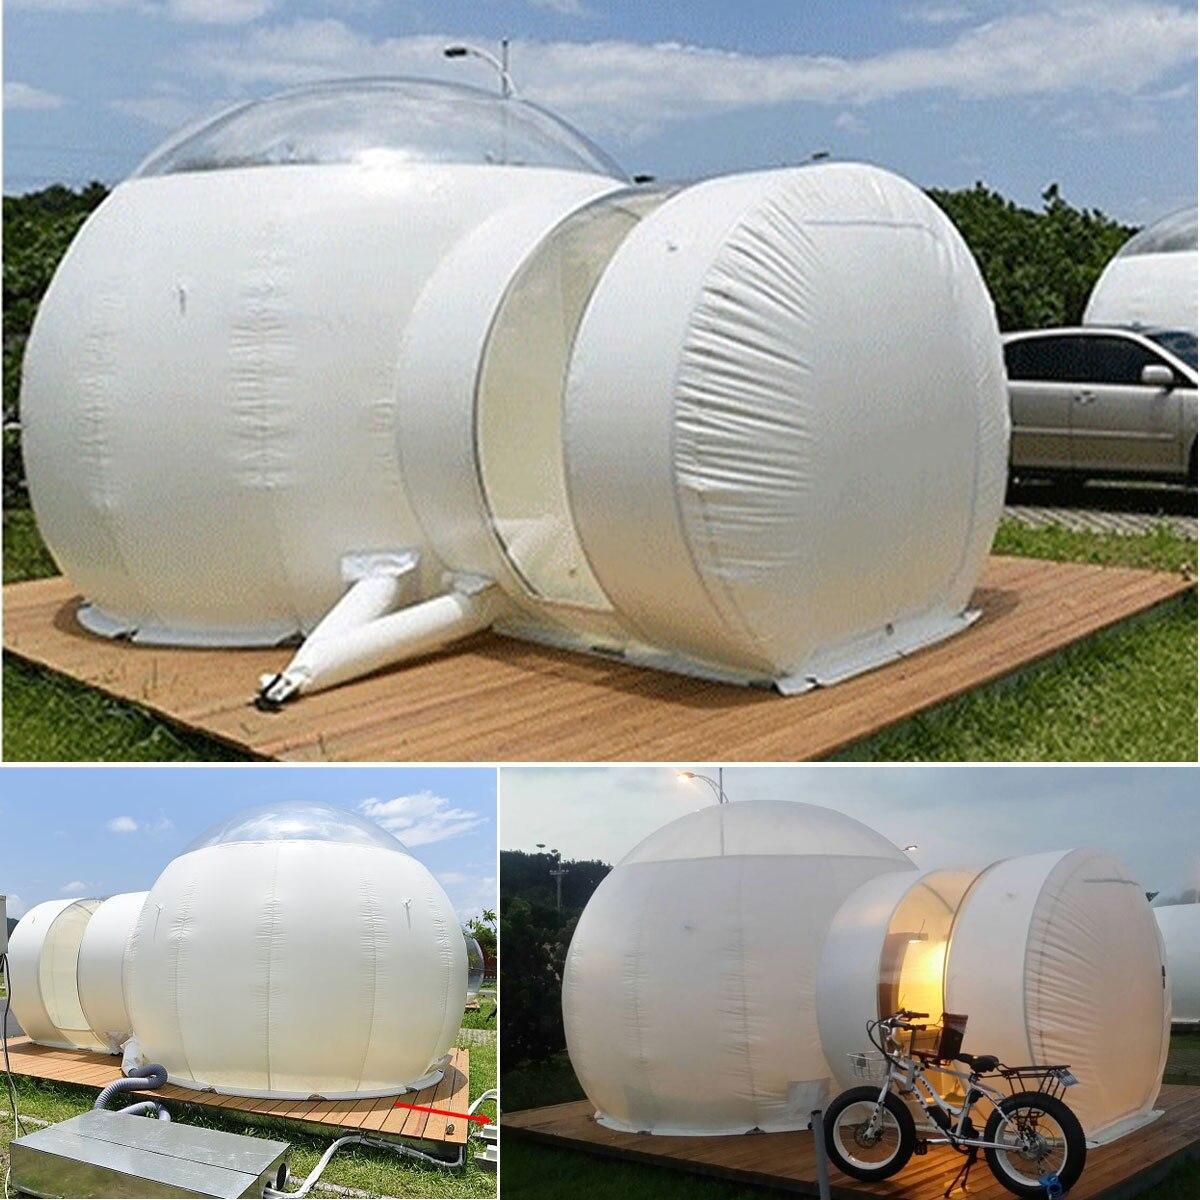 SGODDE 3 m Gonflable Maison Écologique Tente bricolage Maison De Luxe Dôme Camping Cabine Lodge Bulle D'air